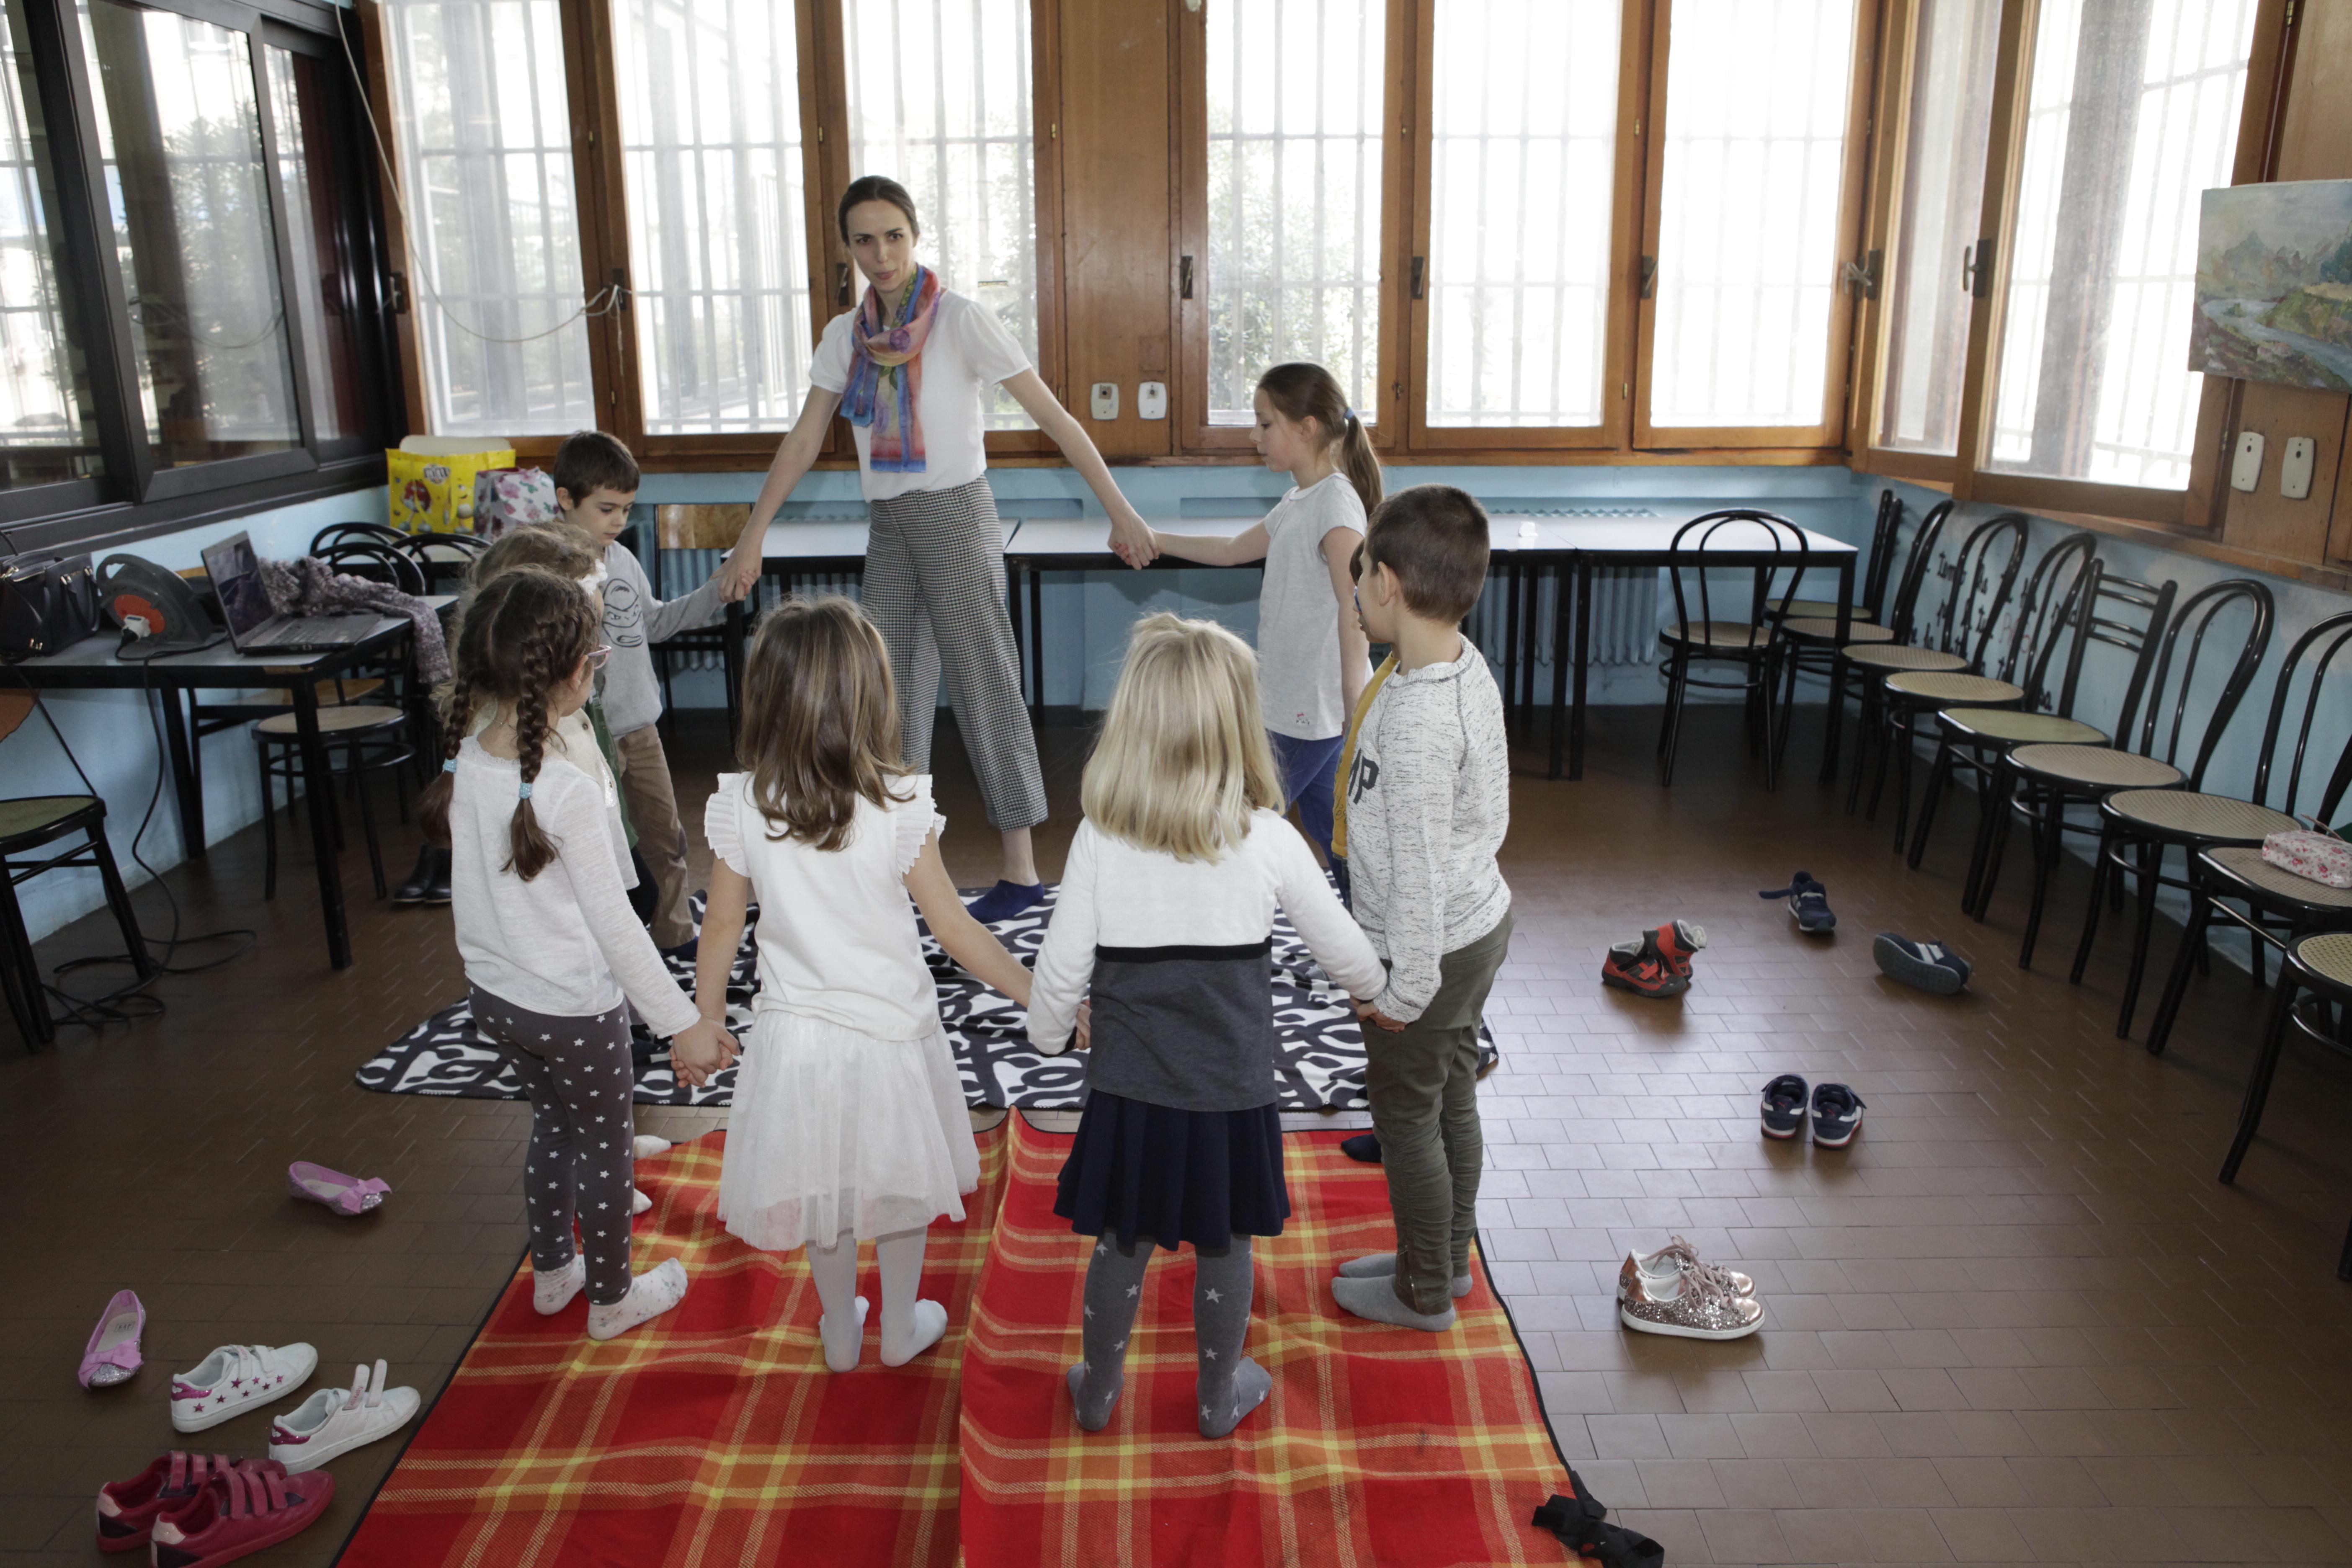 """Milano lituanistinės mokyklėlės """"Aitvaras"""" vaikai su akordeoniste Aurelija Matulevičiūte. Organizatorių nuotr."""